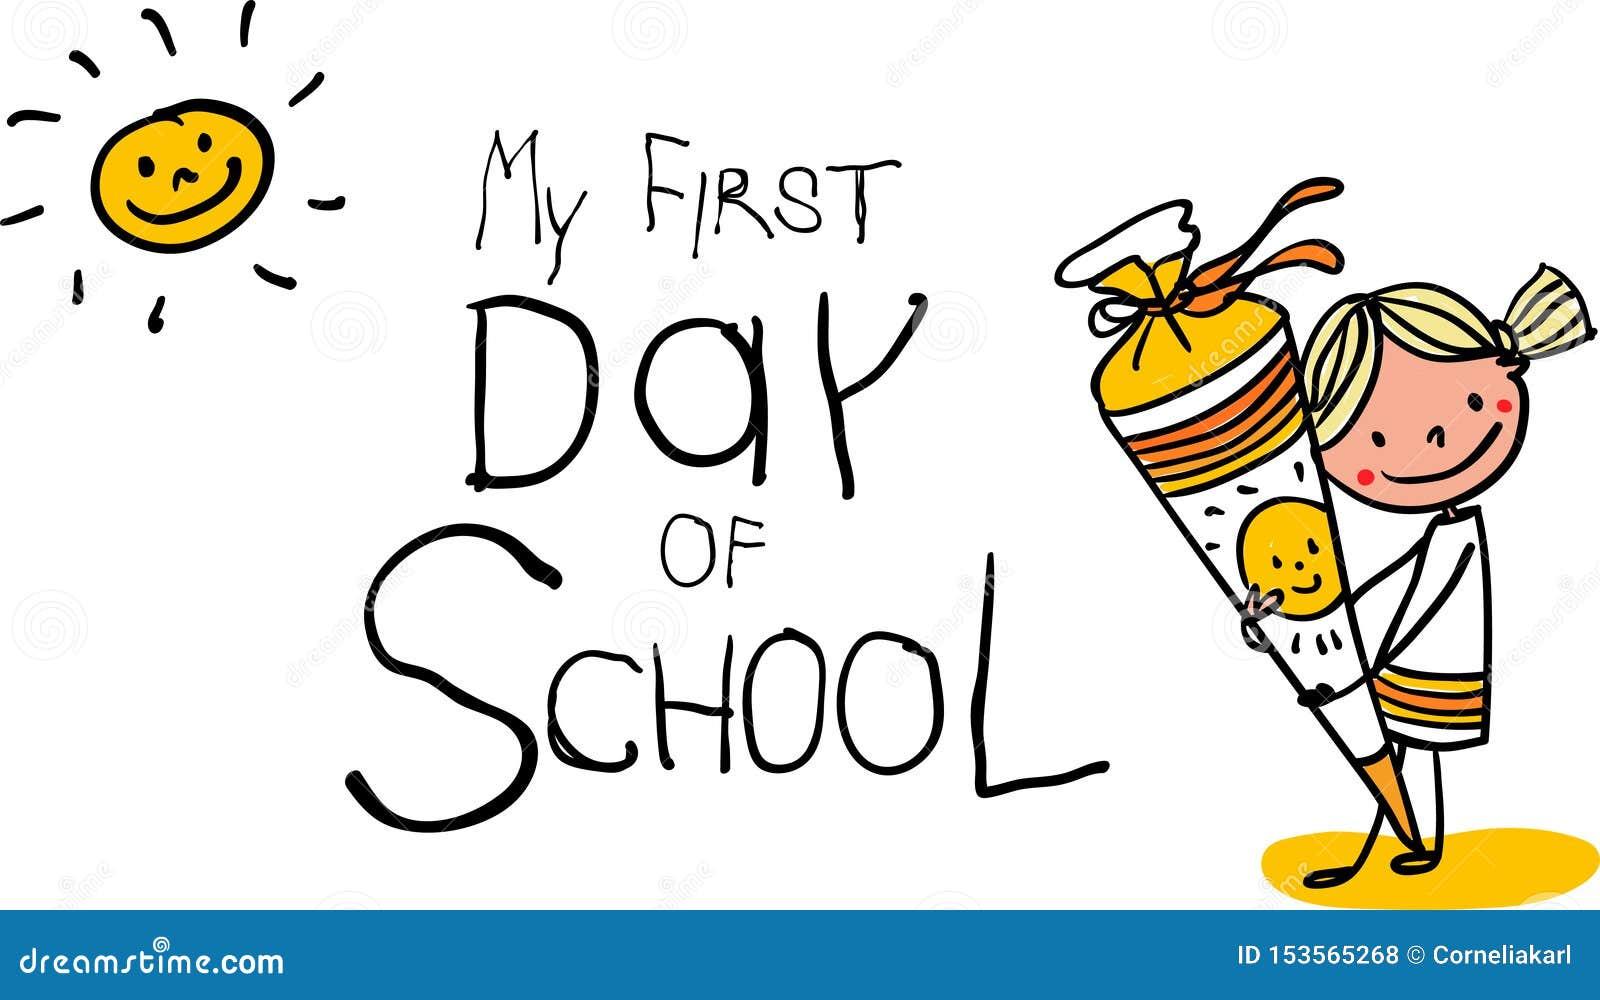 Rekrutacja - Pierwszy dzień szkoła - Pogodna uśmiechnięta uczennica z szkoła rożkiem - kolorowa ręka rysująca kreskówka